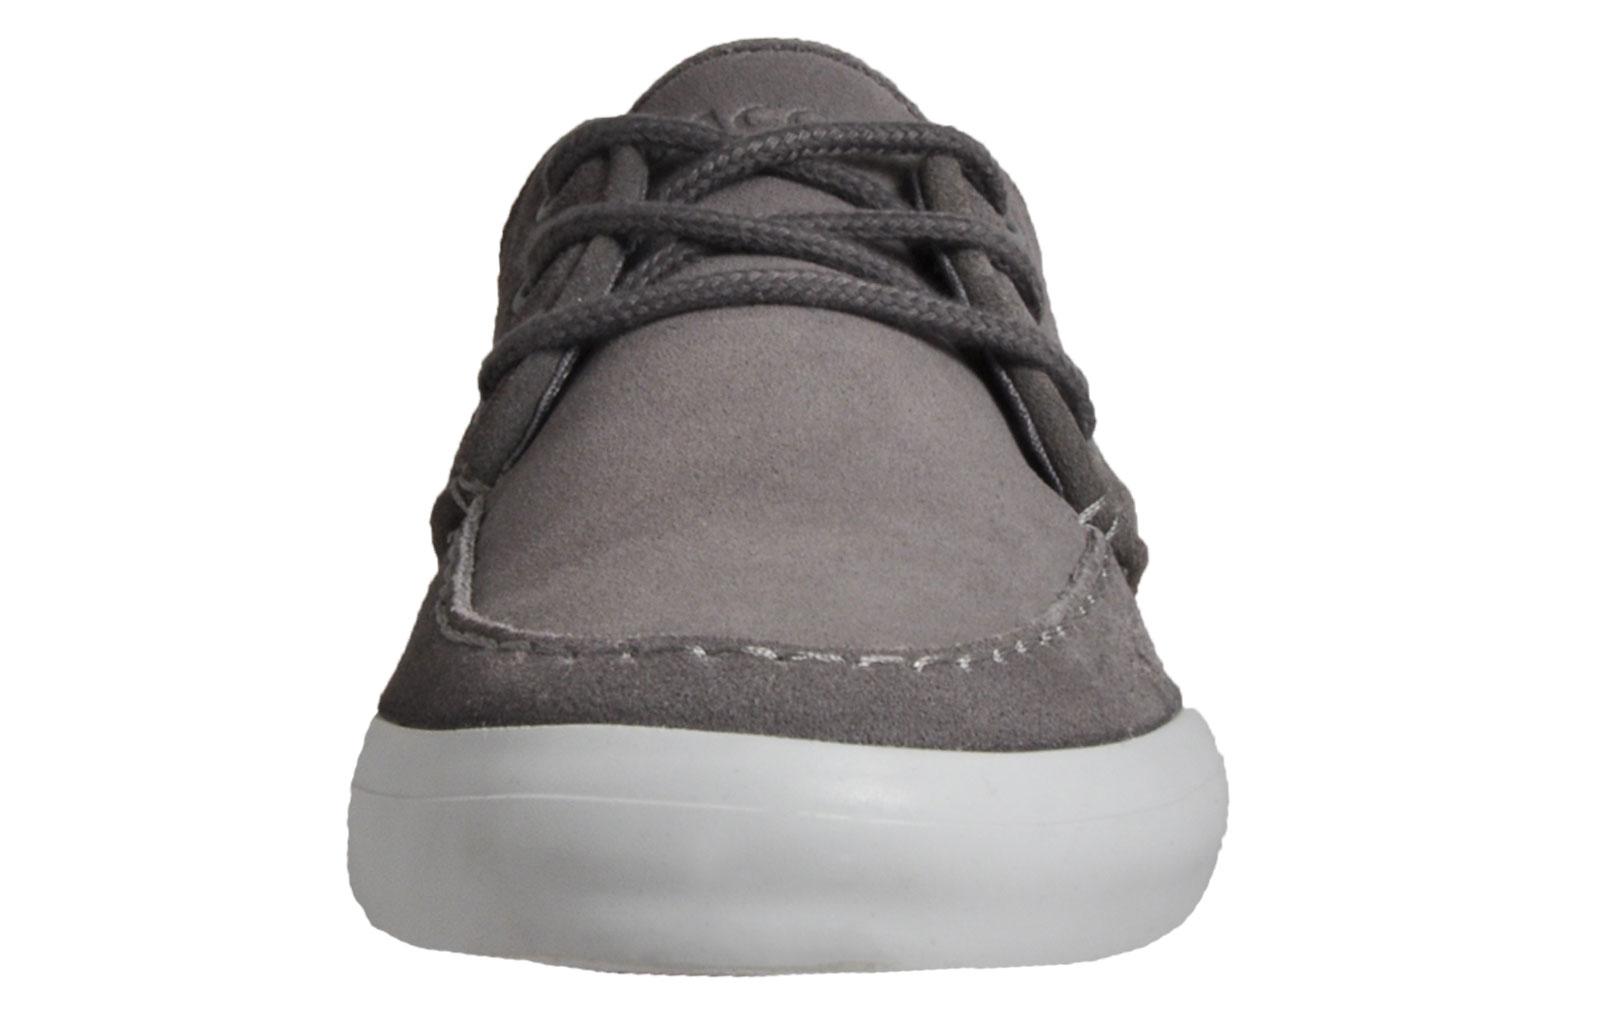 2f23e6e84aa64 Lacoste Sevrin 316 Men s Classic Designer Suede Leather Boat Deck Shoes B  Grade